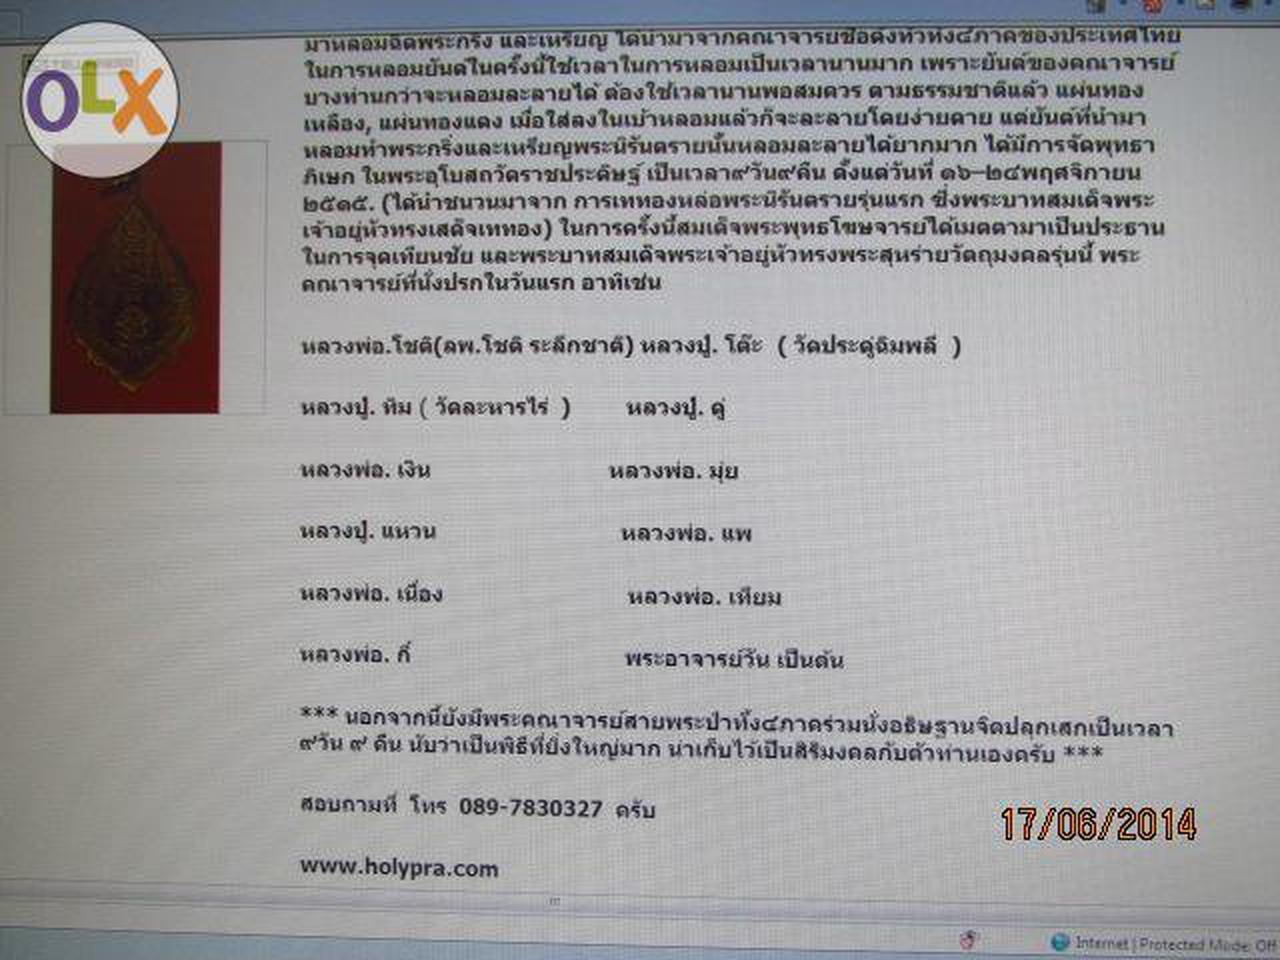 - เหรียญพระพุทธนิรันตราย เจริญลาภ วัดราชประดิษฐ์สถิตมหาสีมาร รูปที่ 1